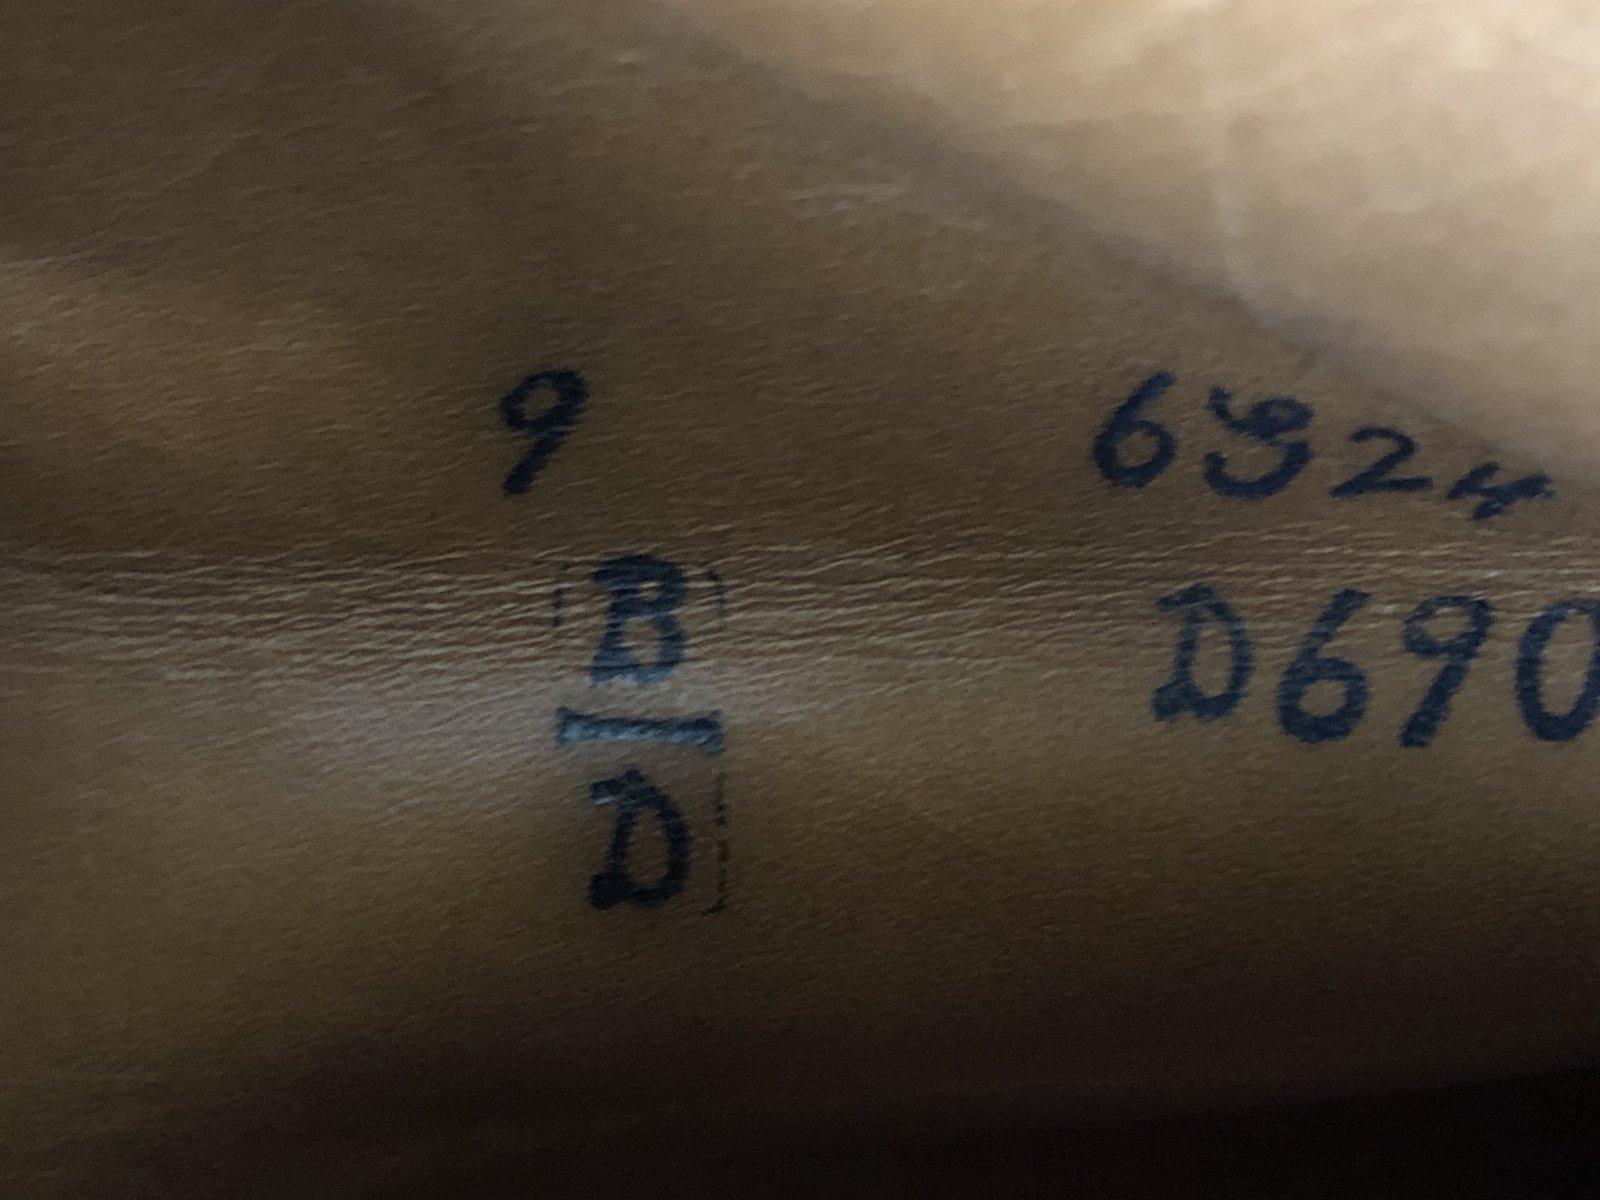 7AD74A49-7553-4133-B95A-4B69FDE40628.jpeg